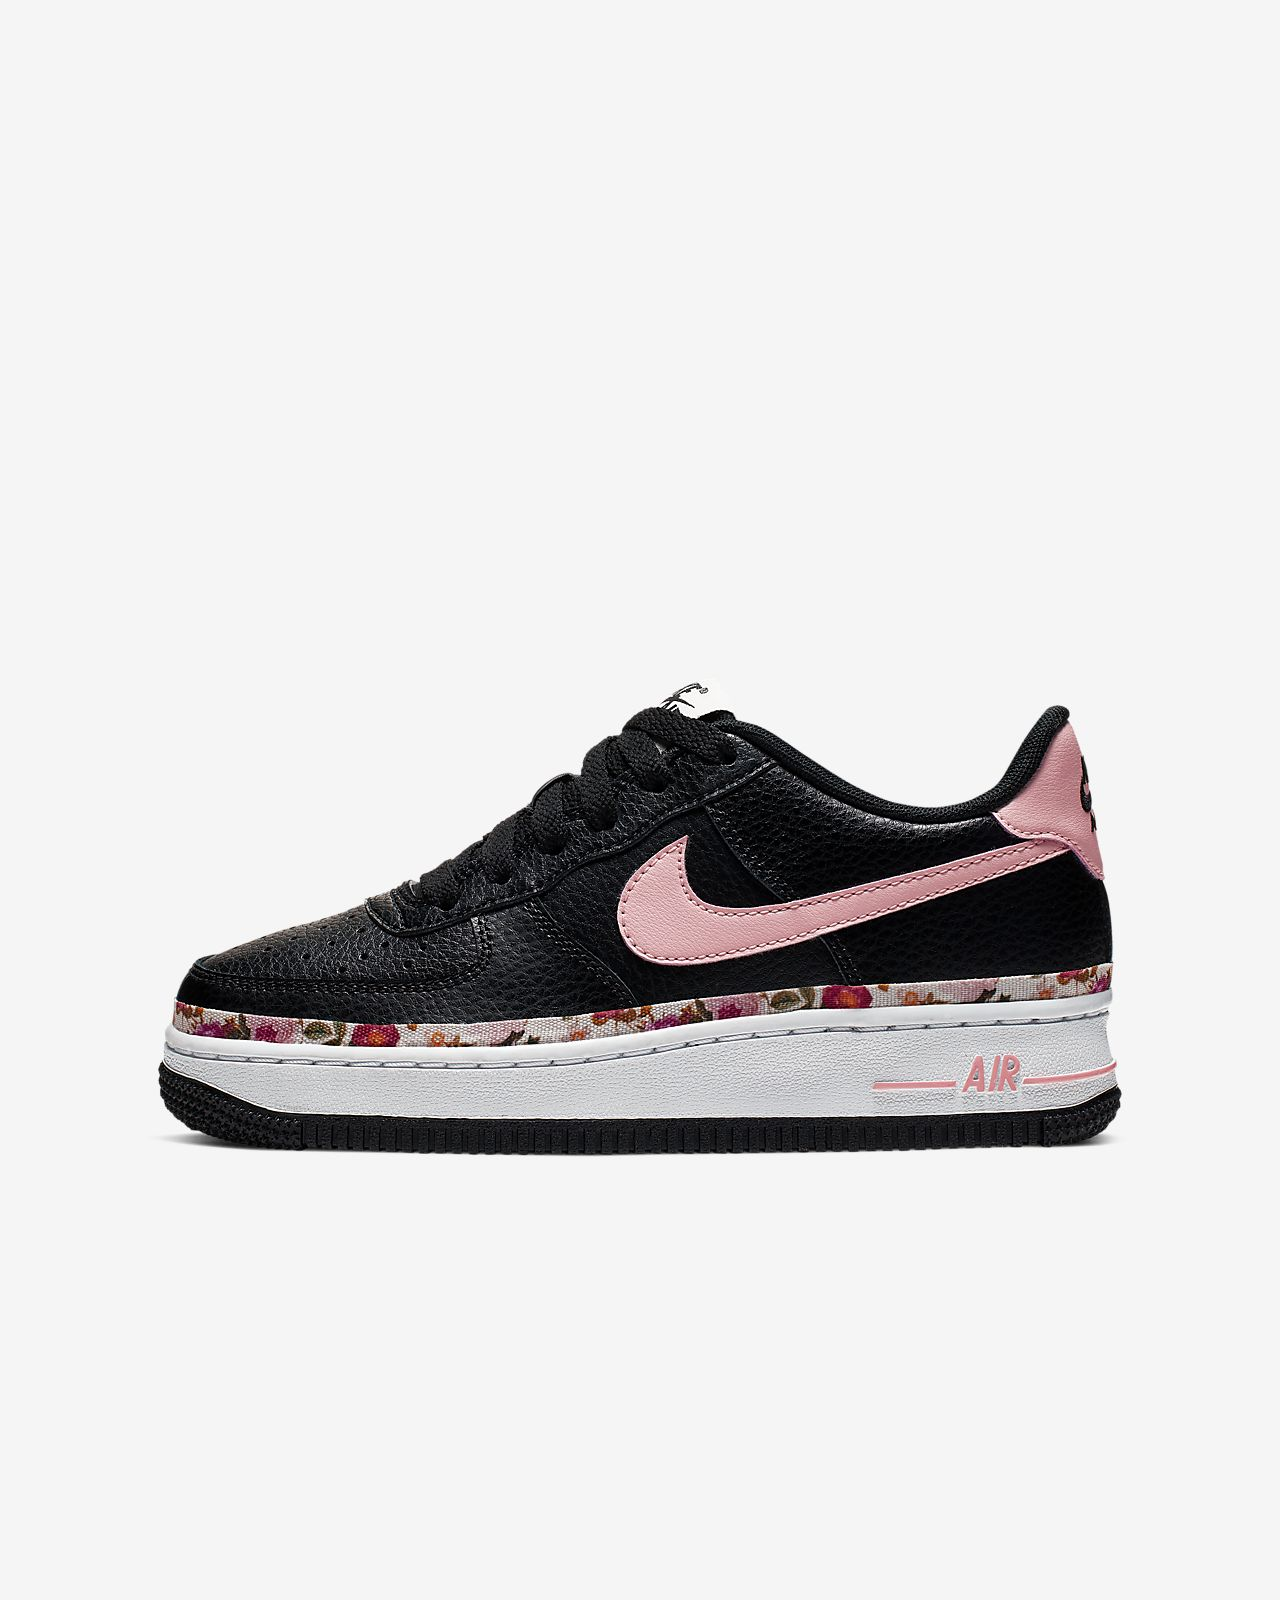 Chaussure Nike Air Force 1 Vintage Floral pour Enfant plus âgé